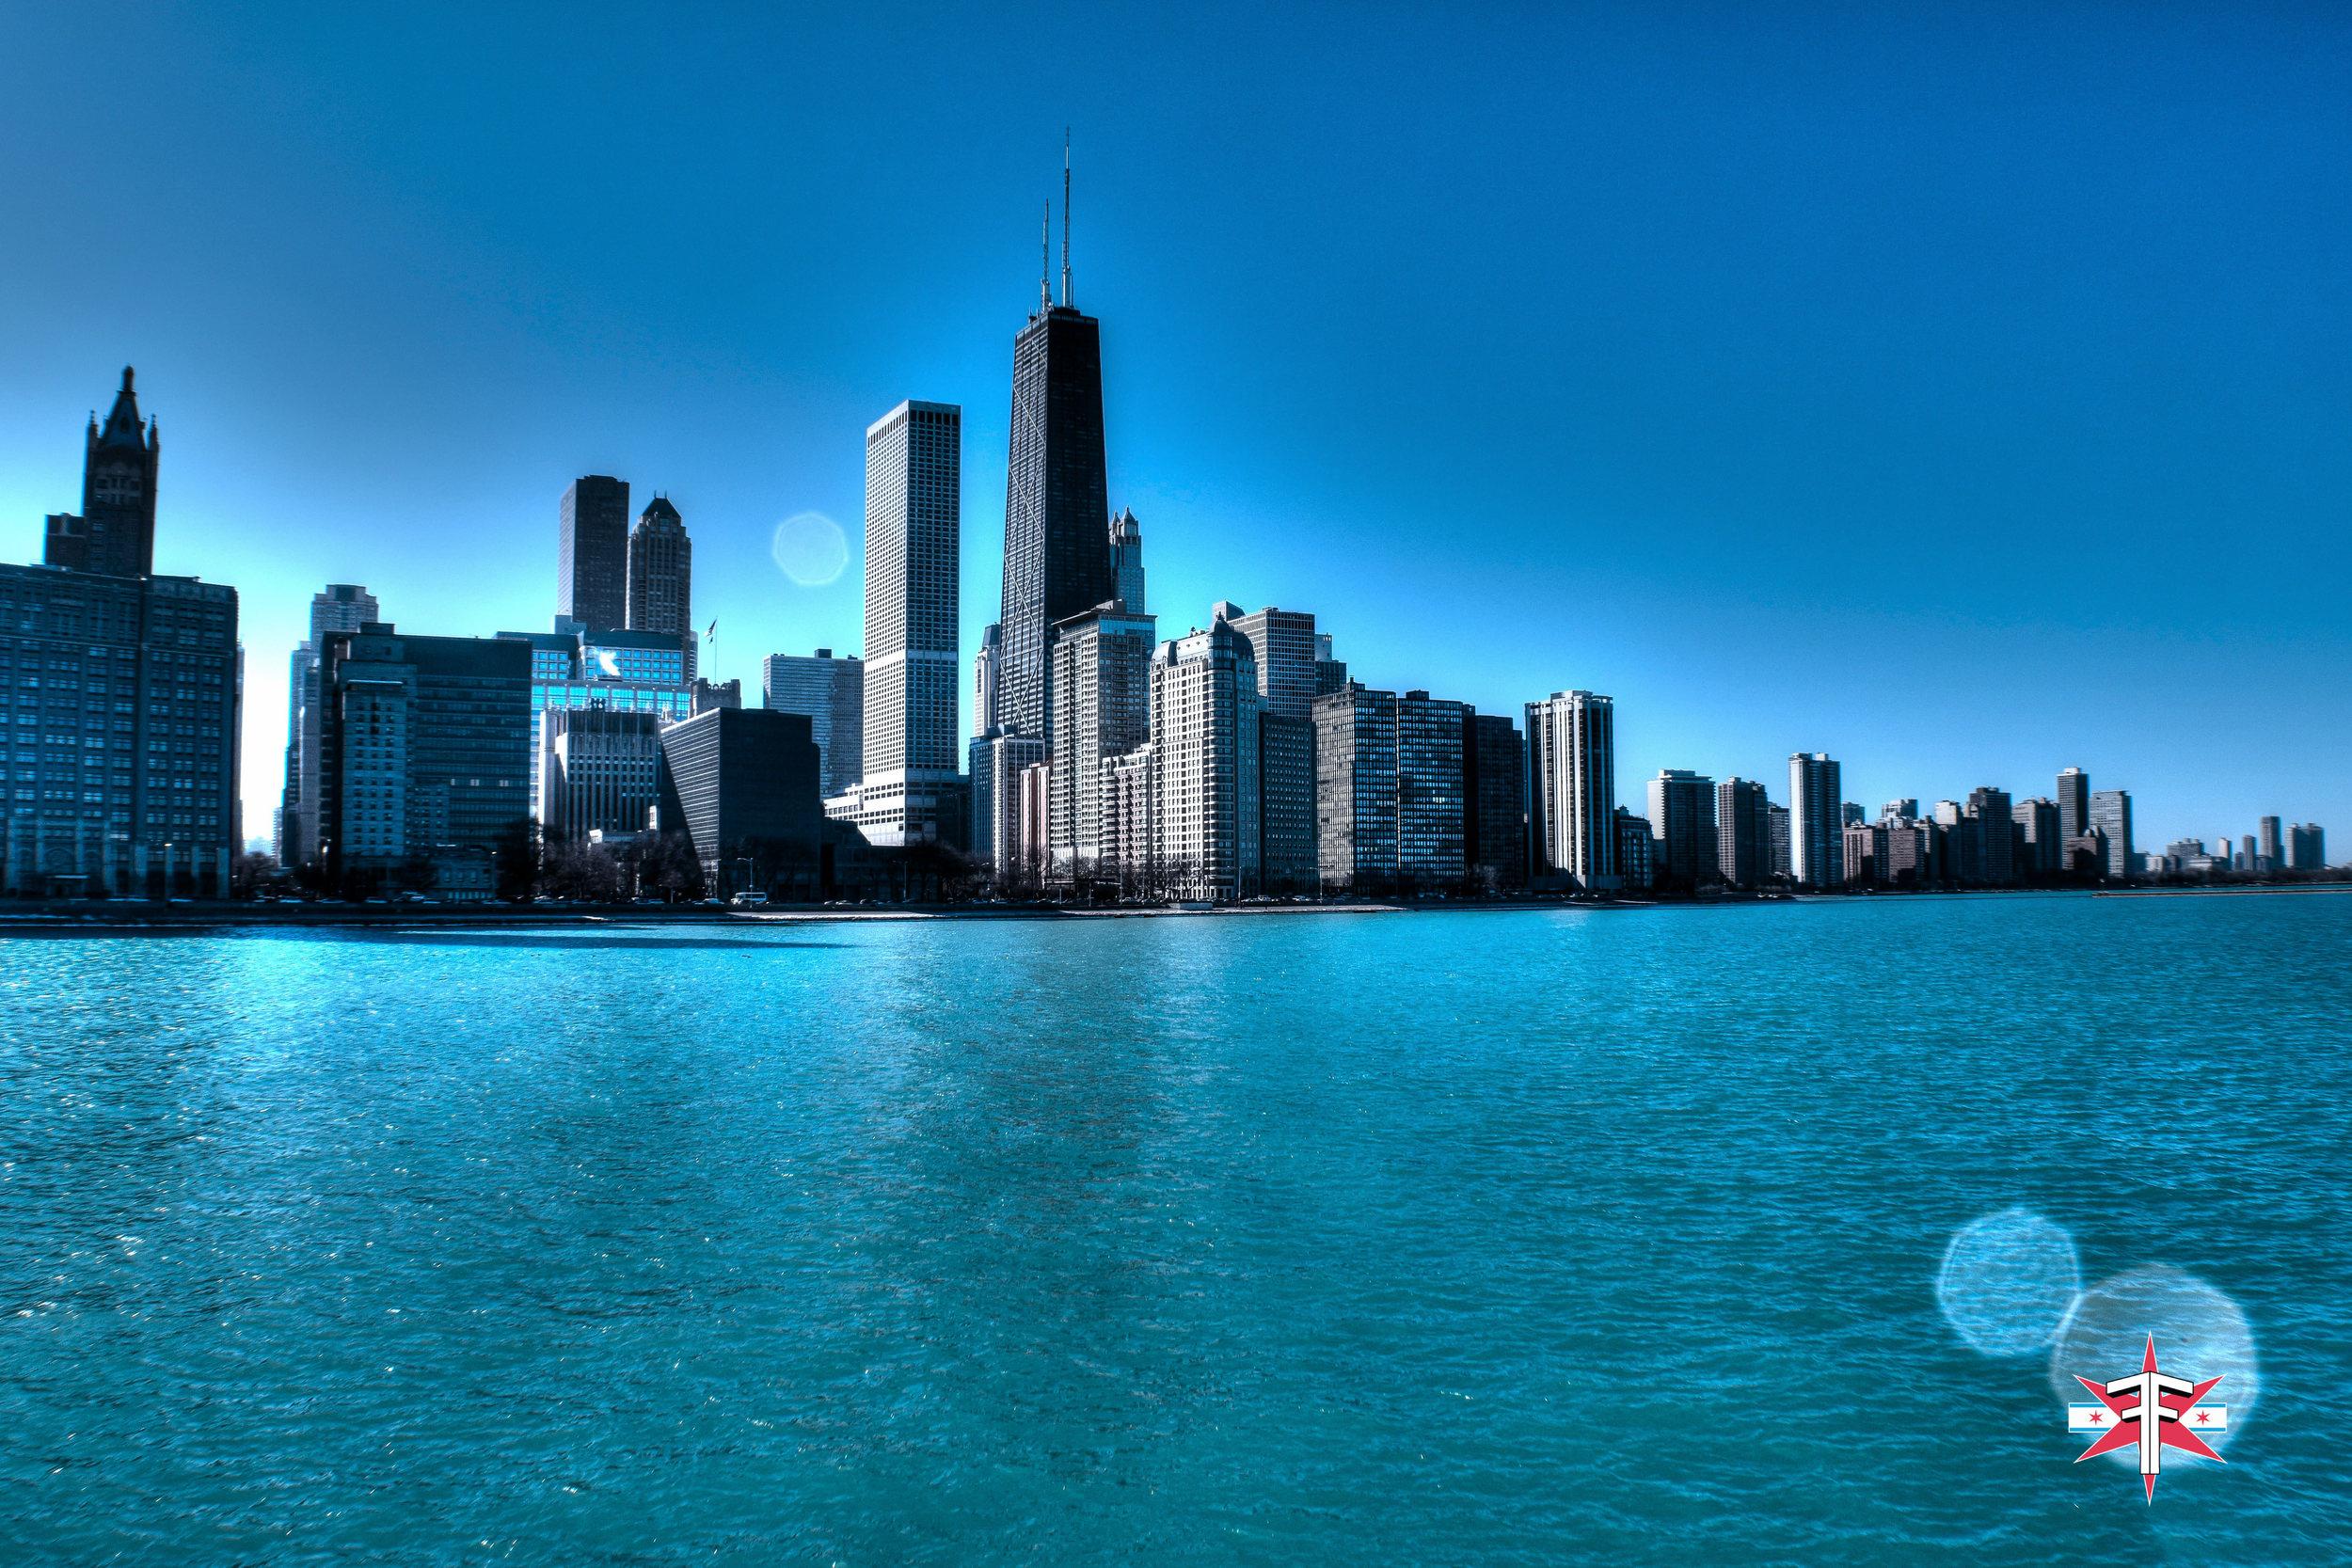 chicago art architecture eric formato photography design arquitectura architettura buildings skyscraper skyscrapers-84.jpg